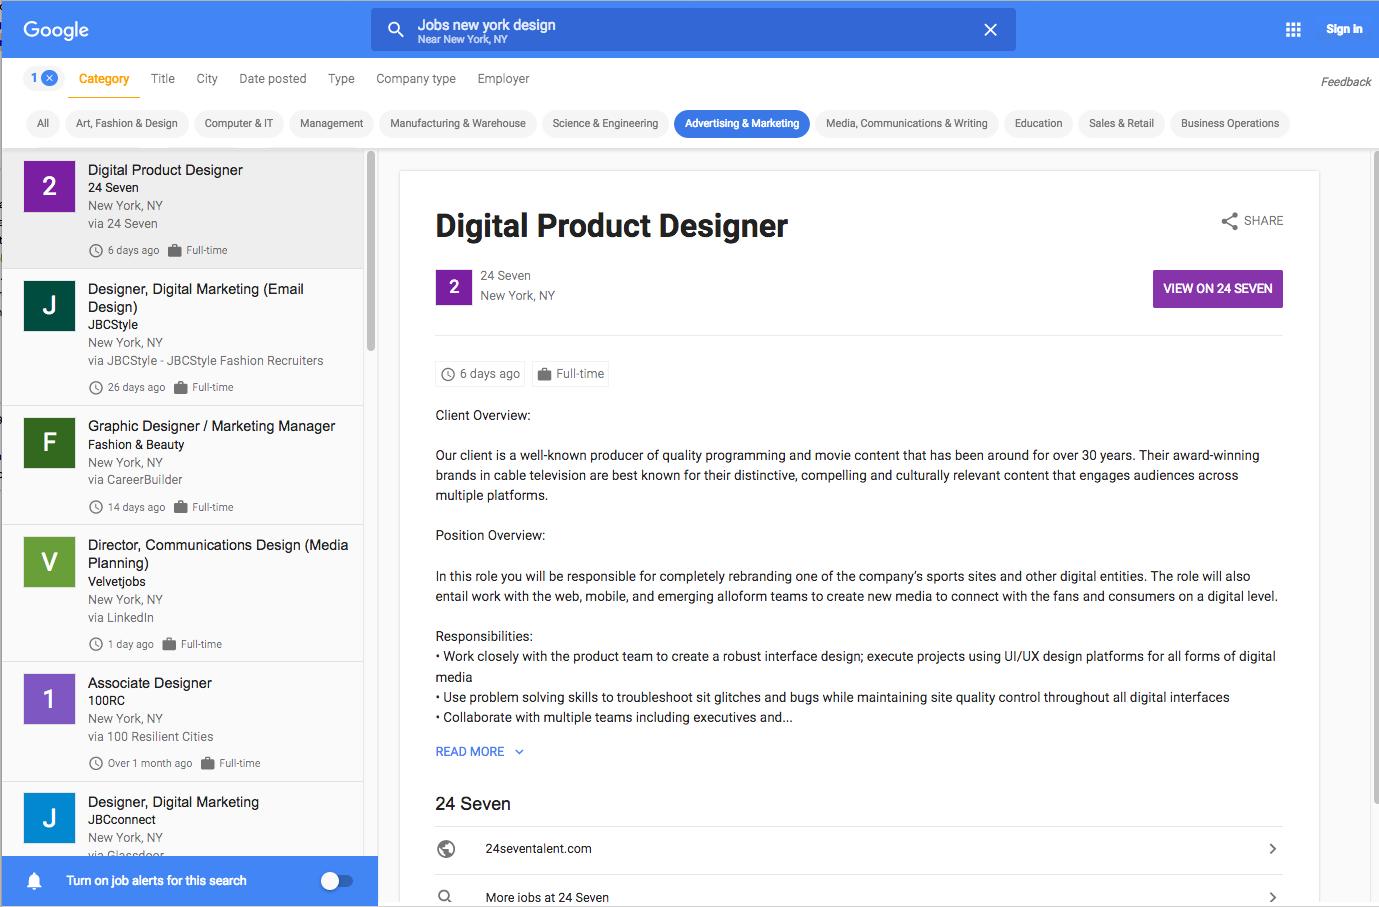 Google for Jobs - Jobanzeige